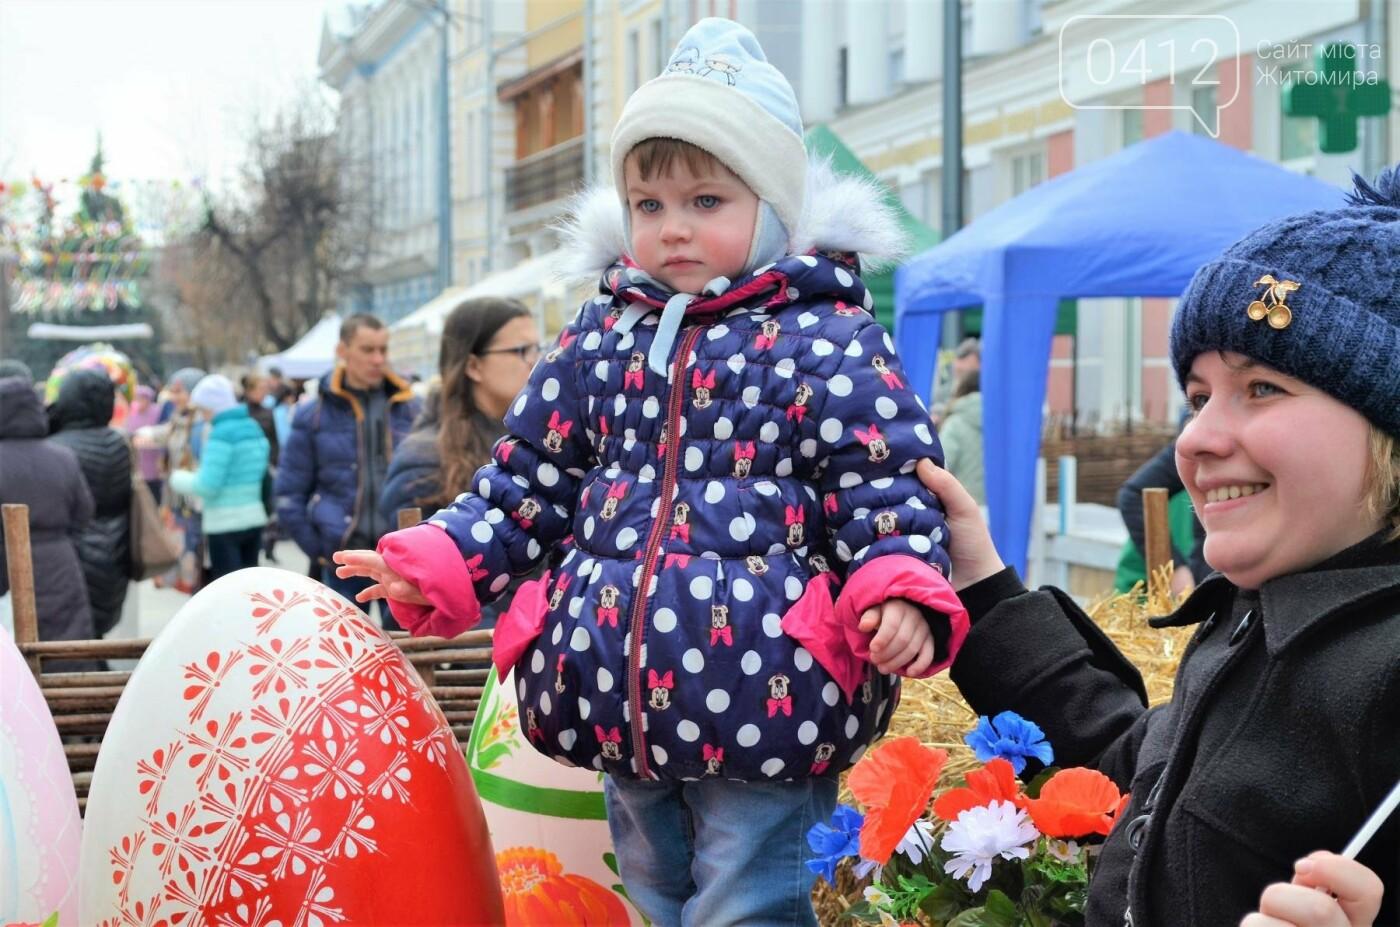 Ярмарок, фотолокації та розваги: у Житомирі розпочалися Великодні святкування, фото-7